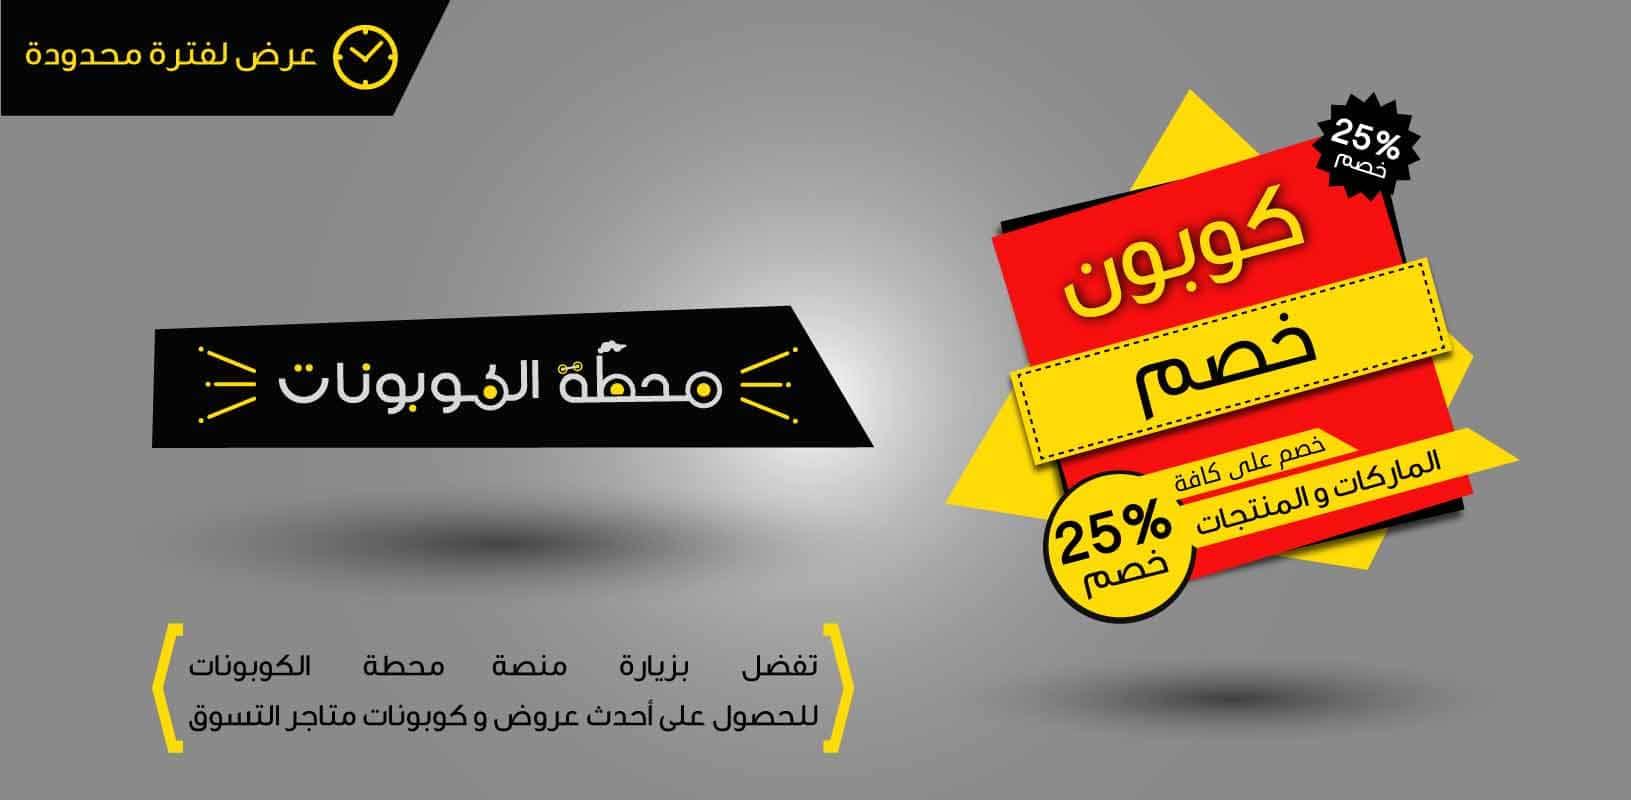 adc2a5cd3 محطة الكوبونات - منصة عربية لأهم العروض و الكوبونات لأشهر المتاجر العربية و  العالمية